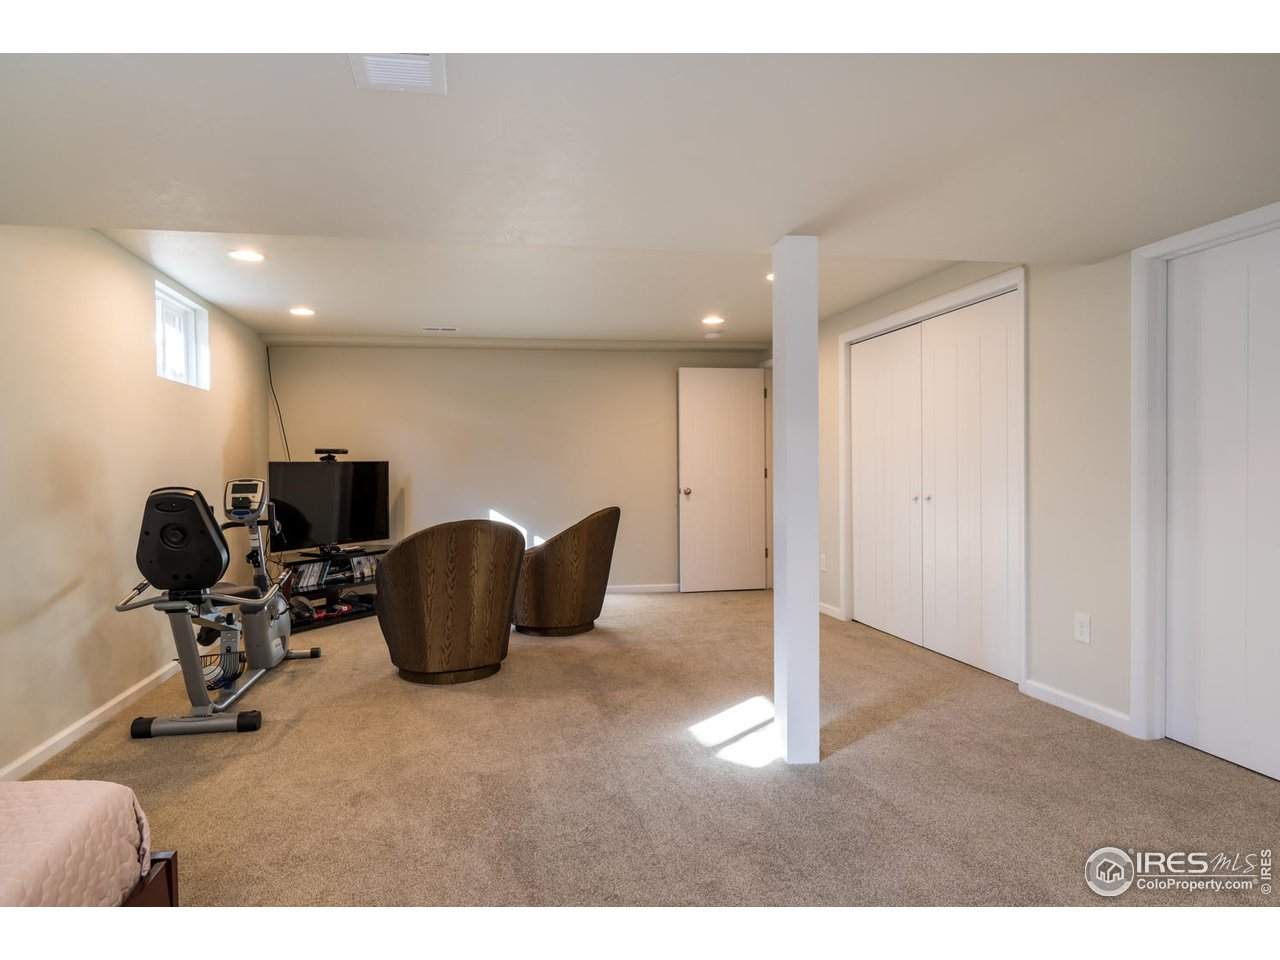 Plenty of basement storage